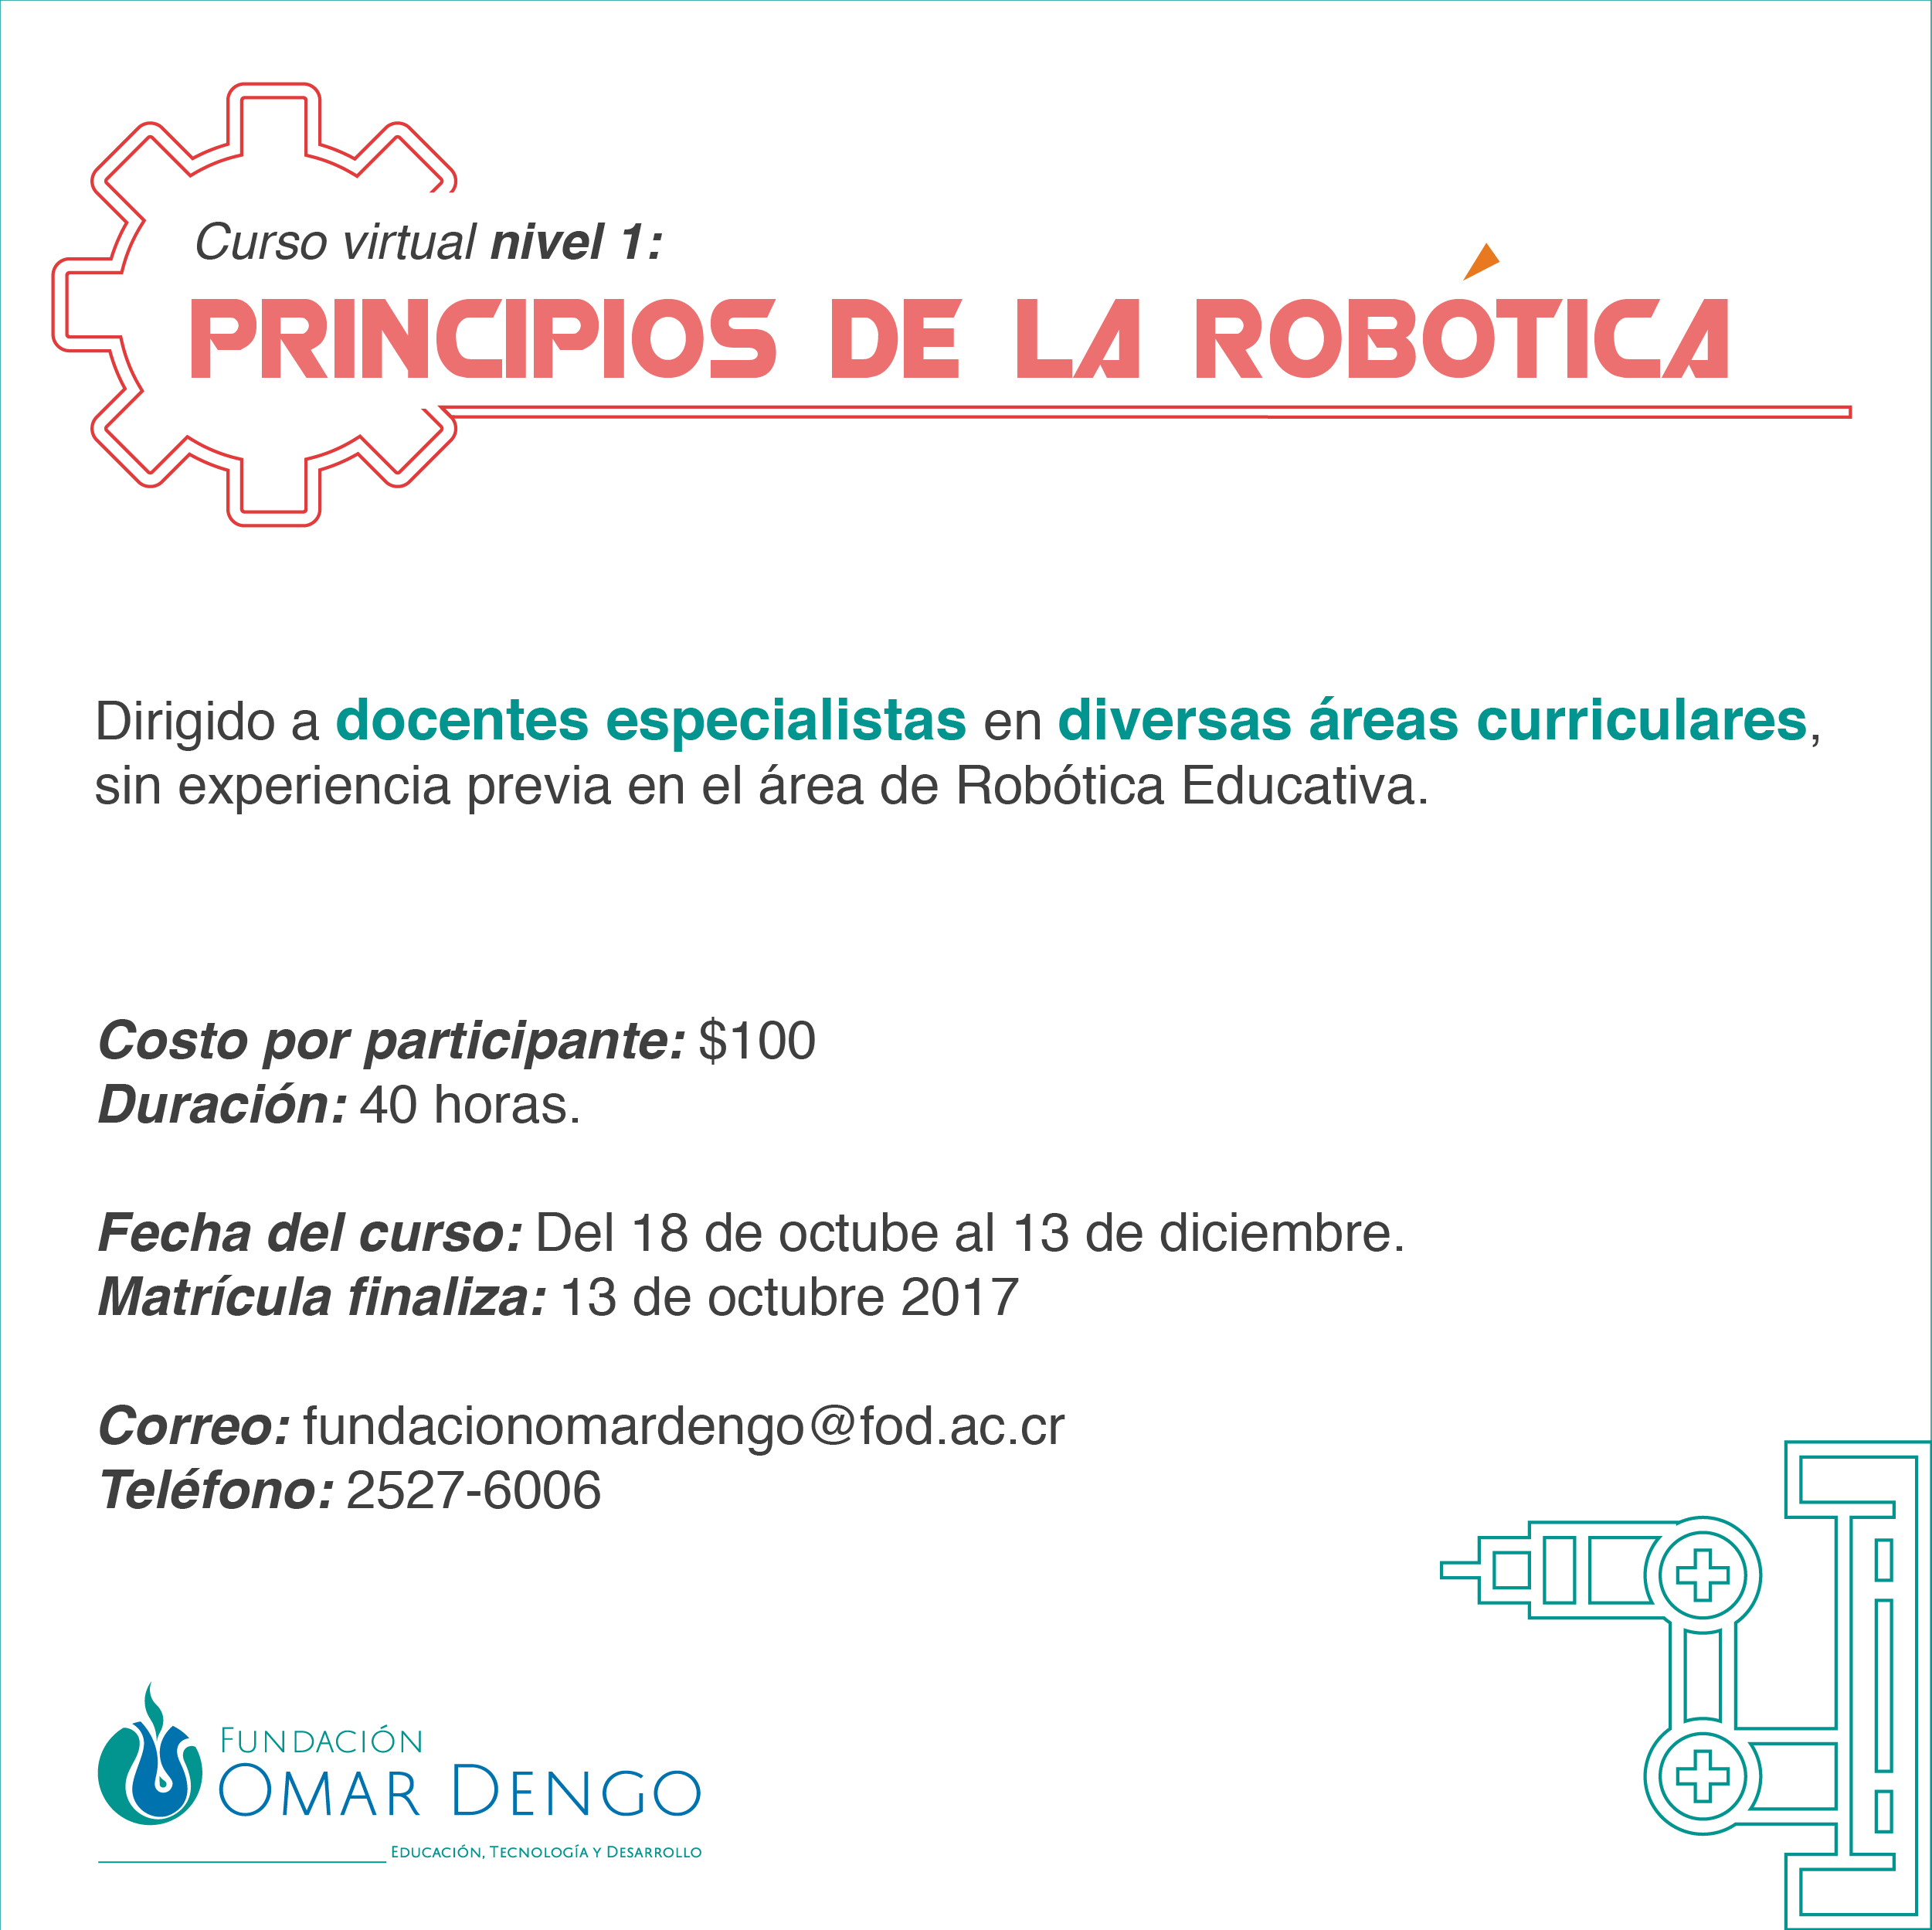 Curso virtual principios de la robótica_Principios de la robótica